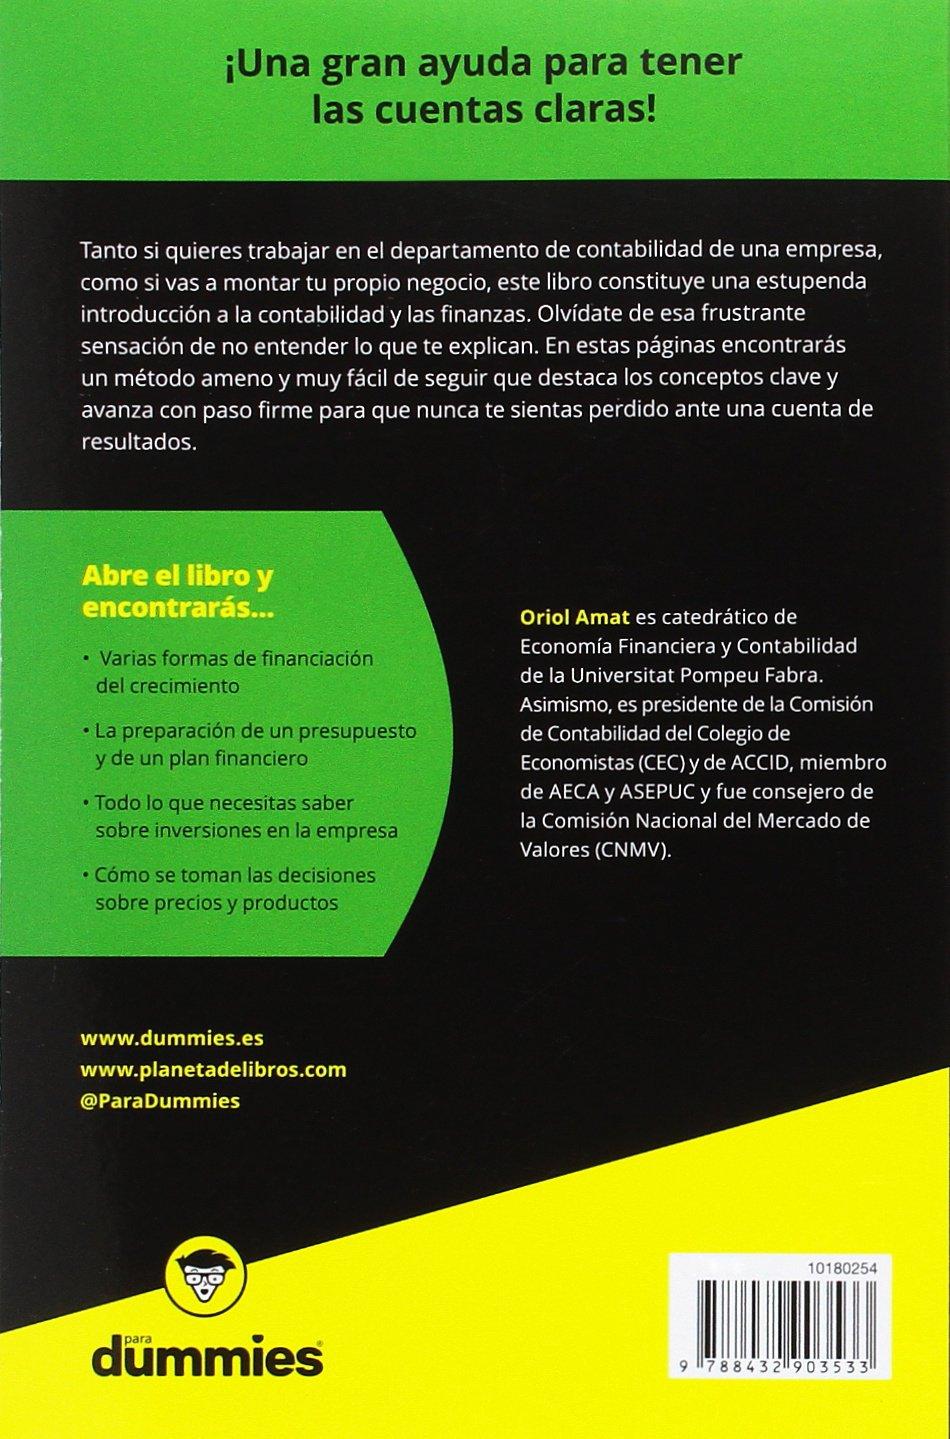 Contabilidad y finanzas para Dummies: Amazon.es: Oriol Amat: Libros